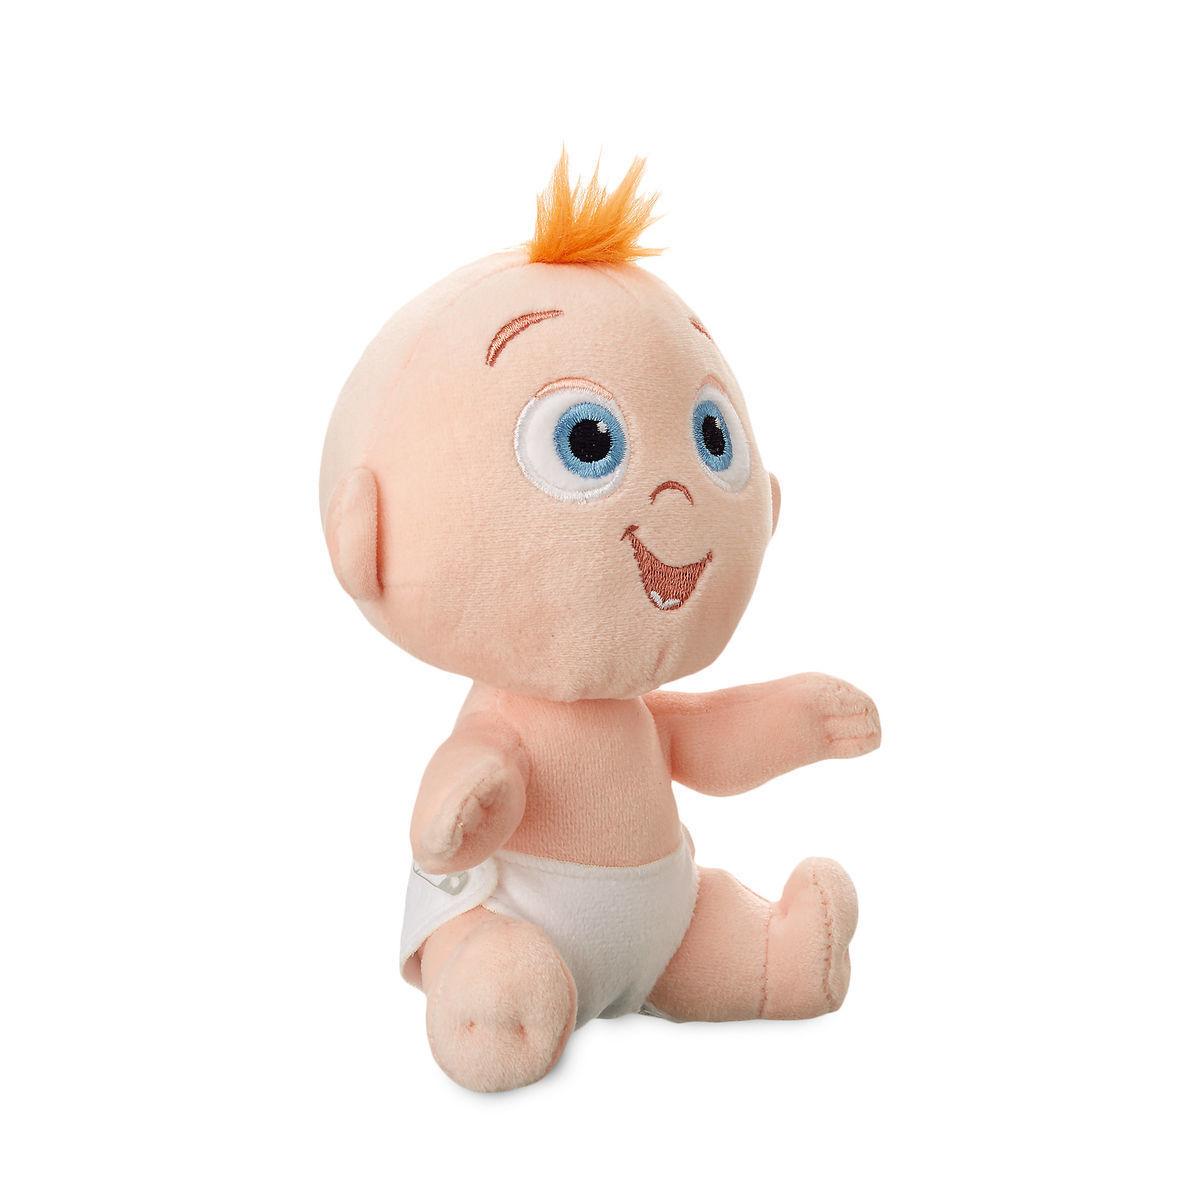 Мягкая игрушка Джек Джек Суперсемейка 2 - 17 см